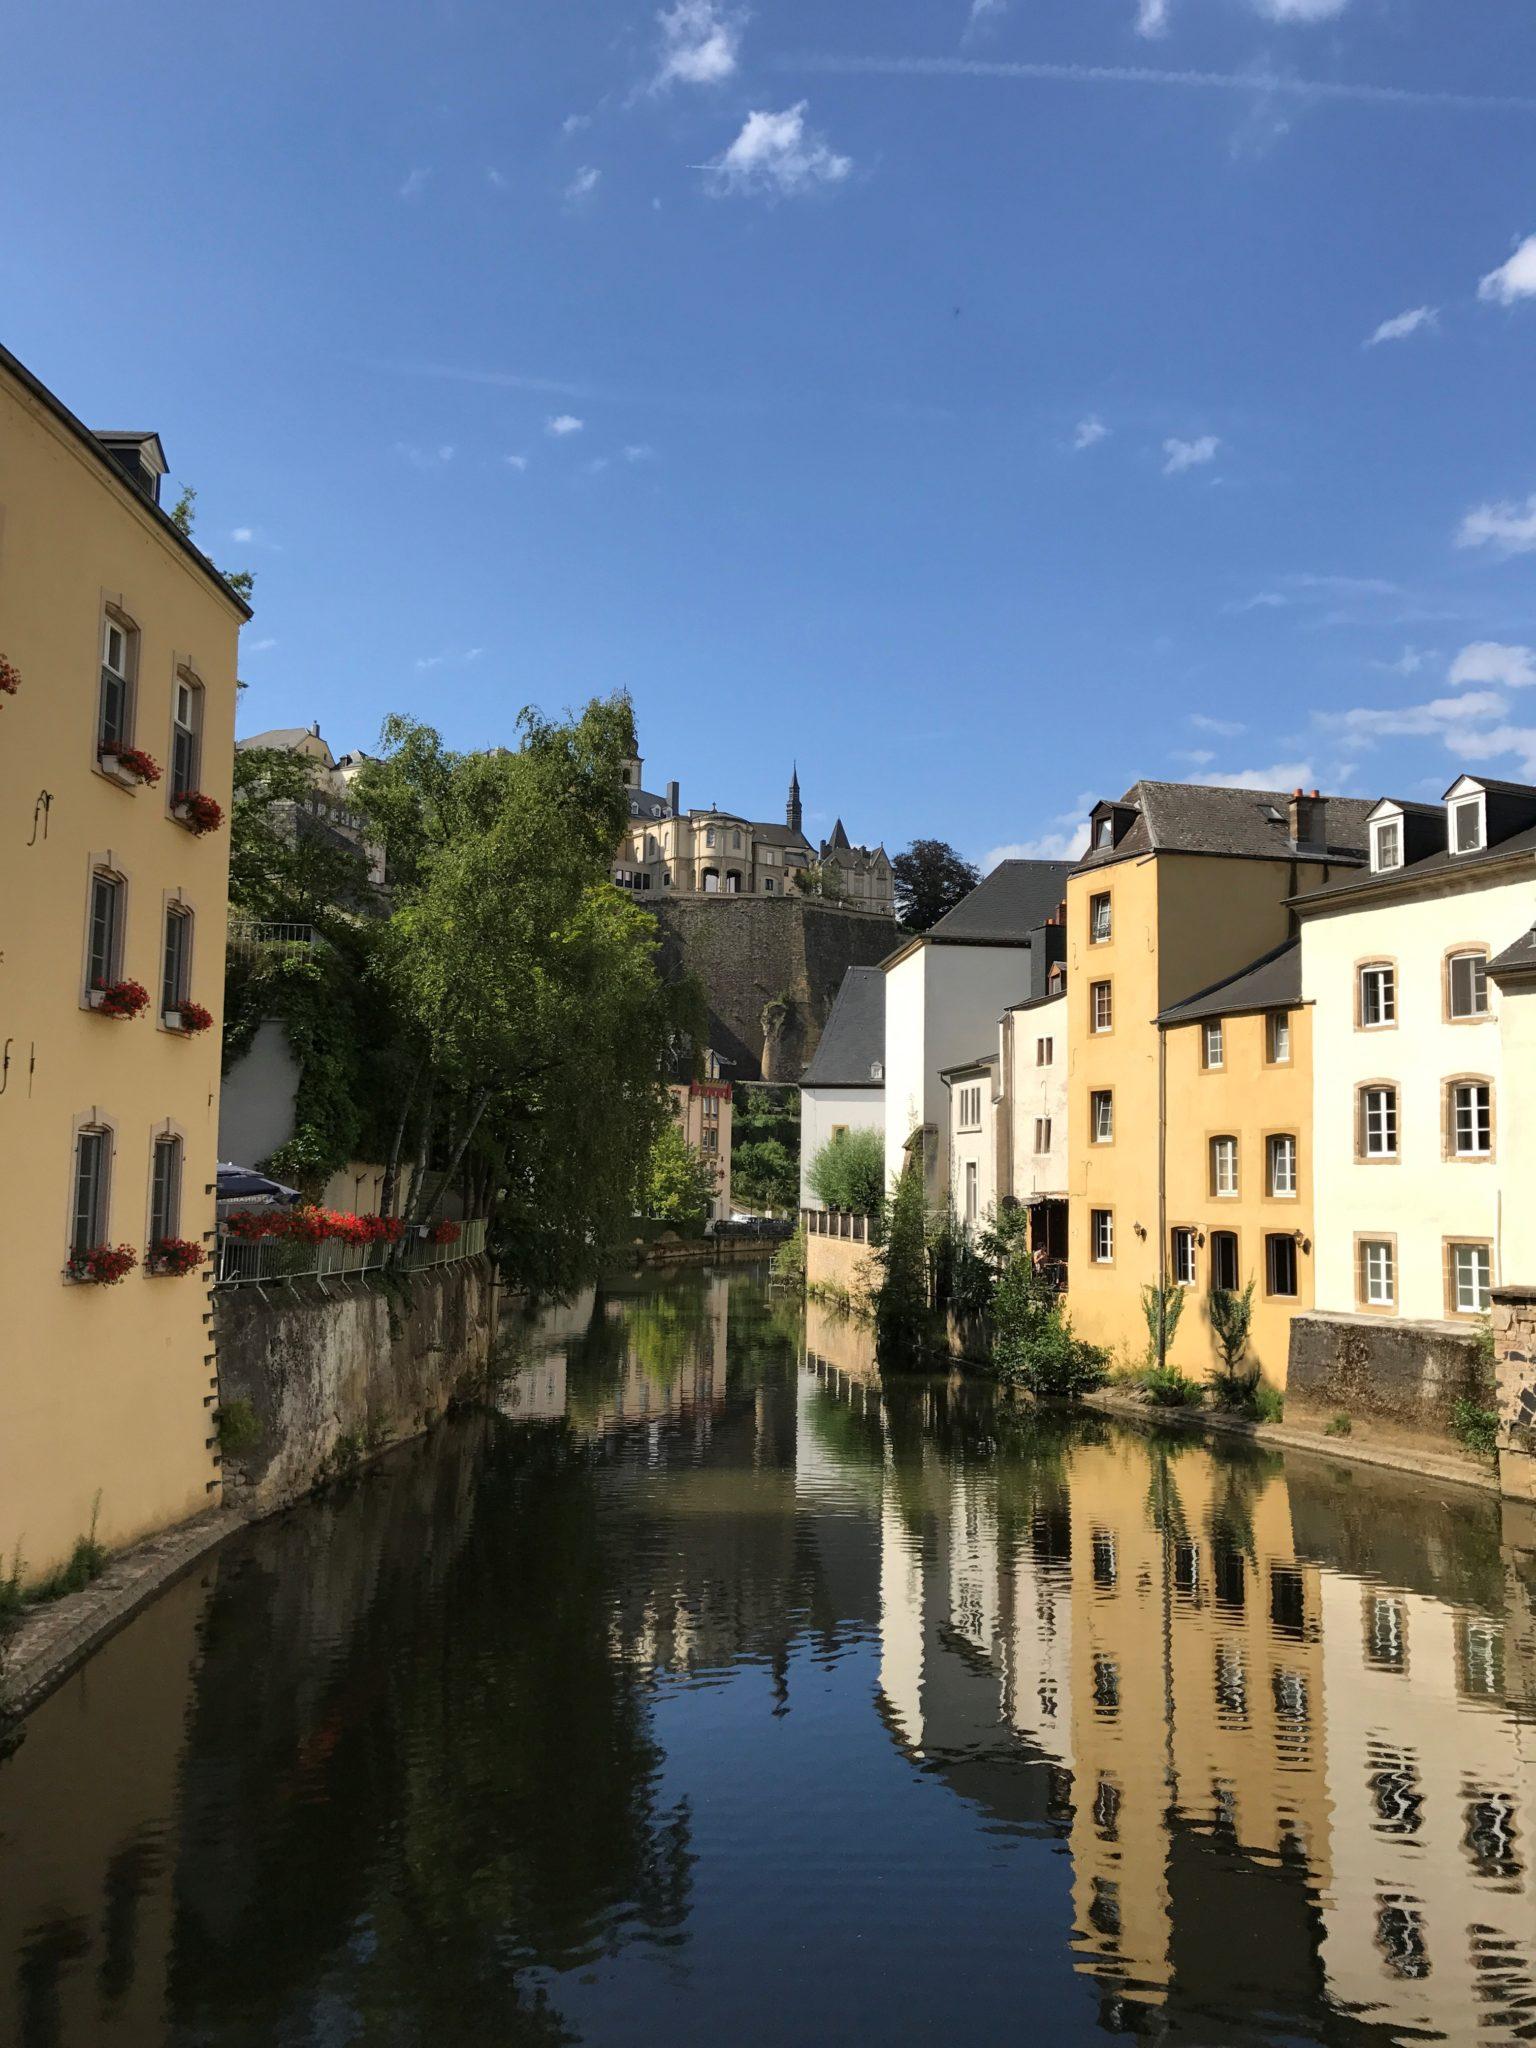 balade-grund-luxembourg-ville